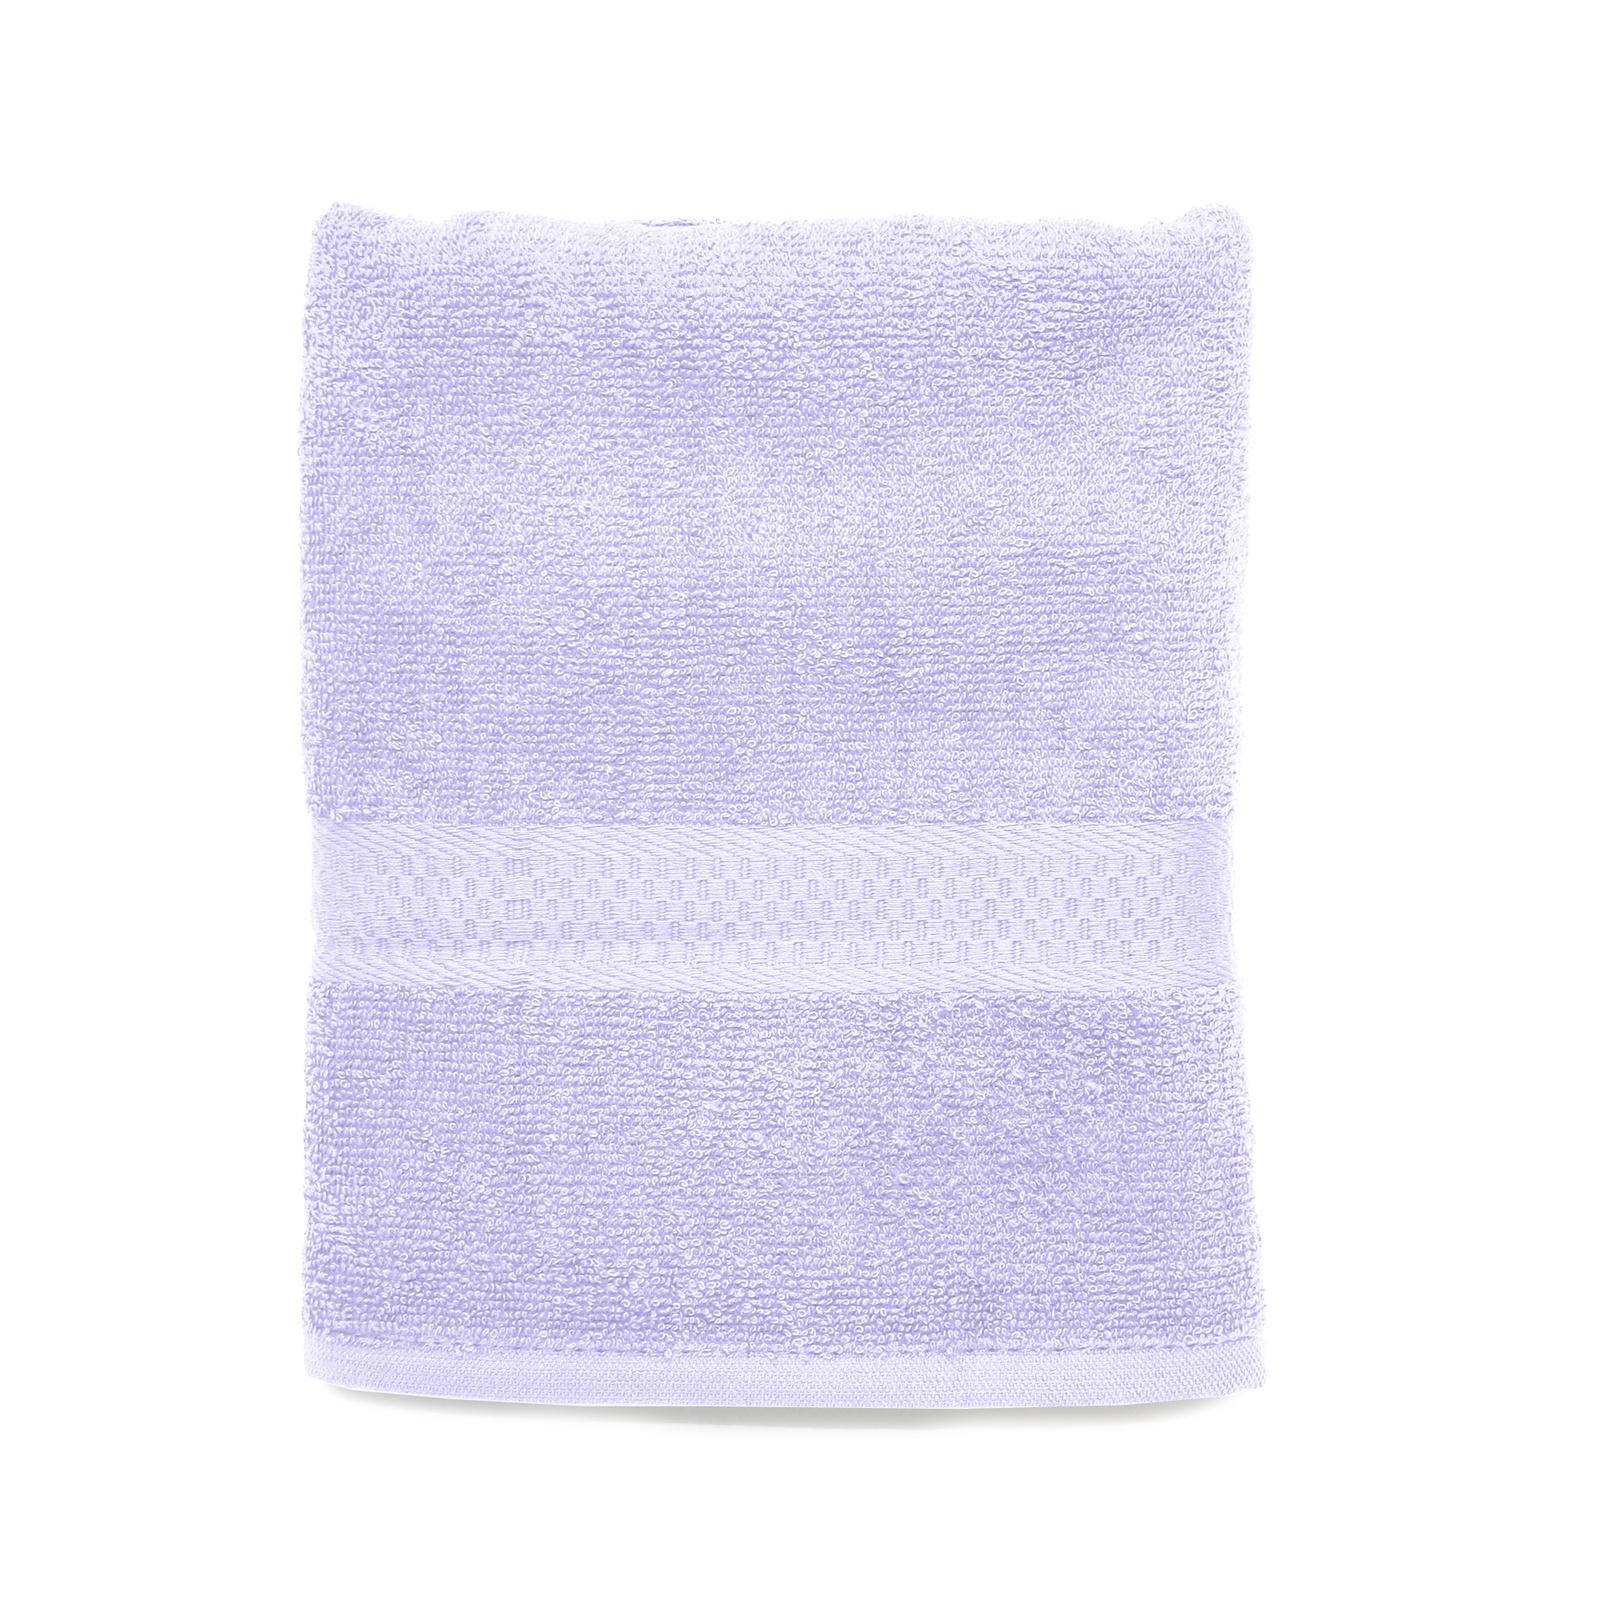 Полотенце банное Spany 21311318195, махровое, светло-голубой, 70 х 130 см ddwx043bt b847 полотенце махровое голубое